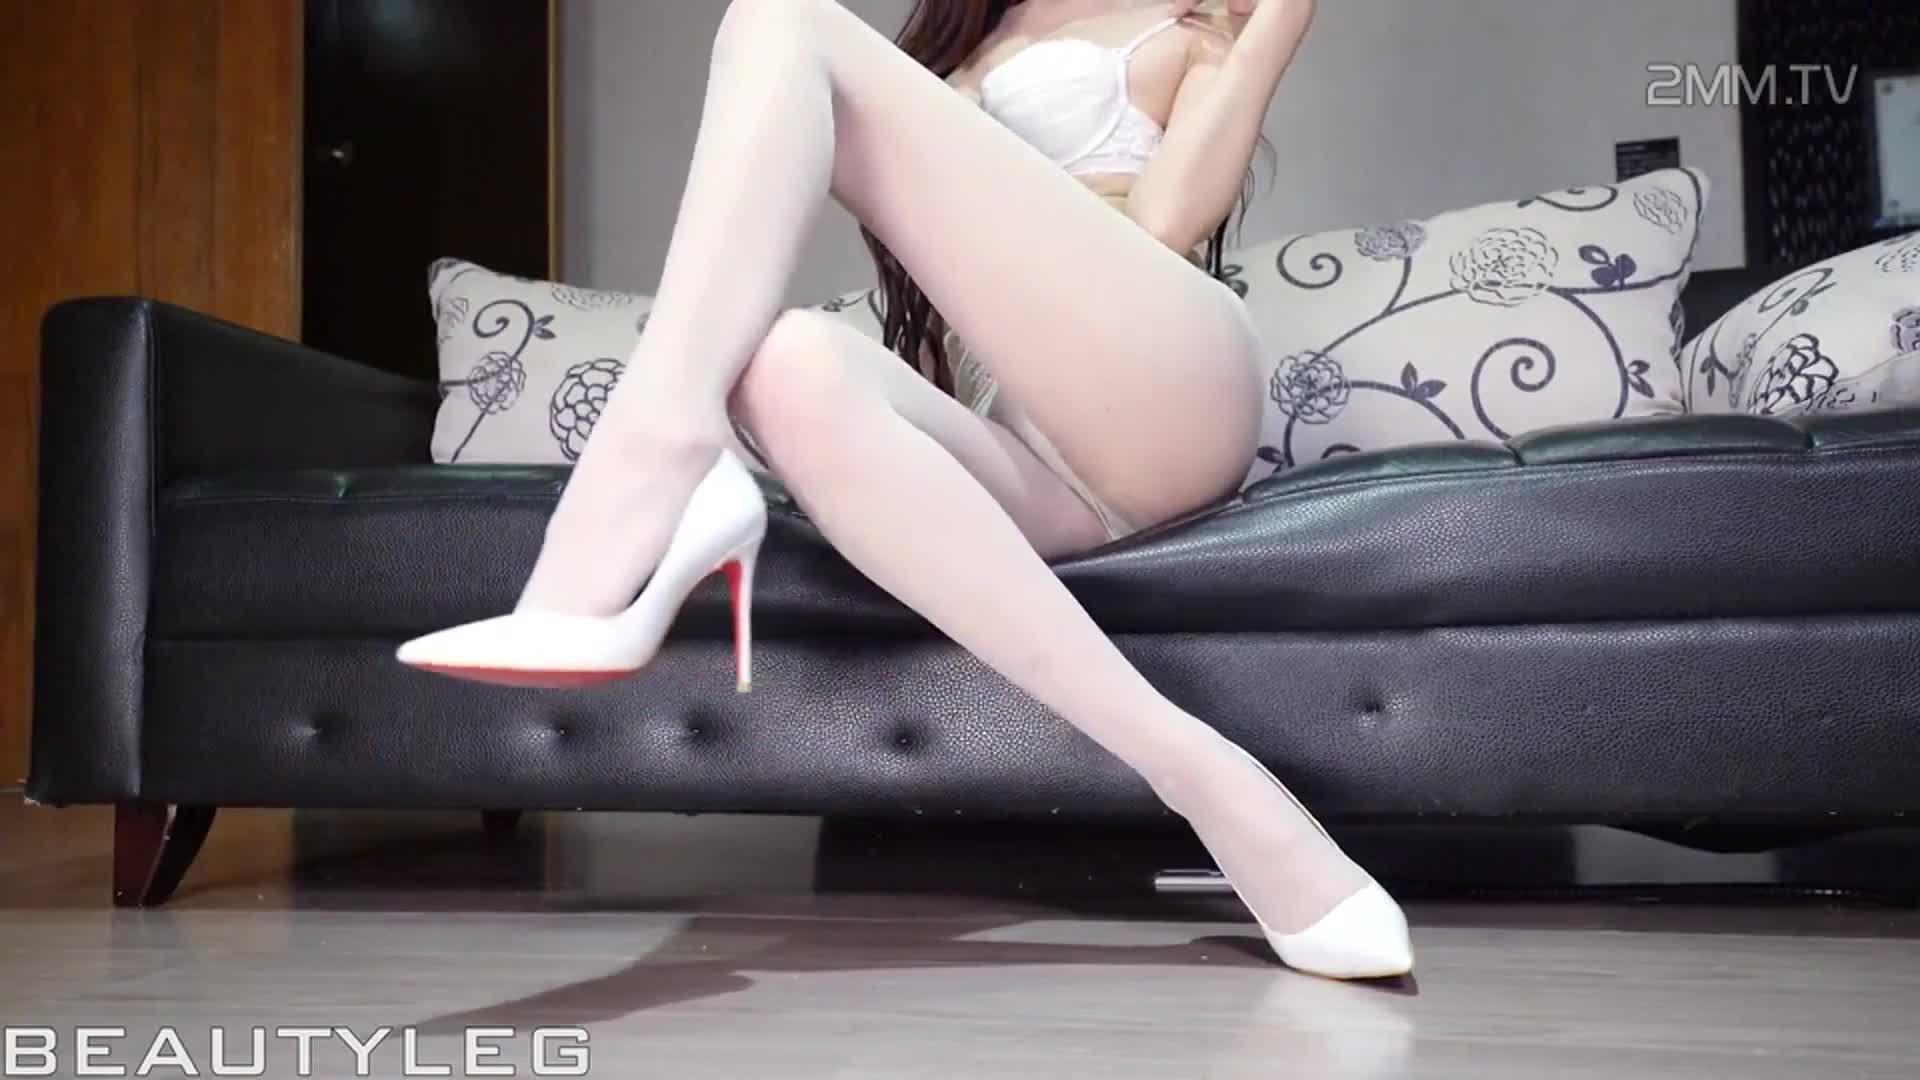 [hu-lulu] superb white sheer pantyhose in elegant lingerie, beauty legs in nylons and heels